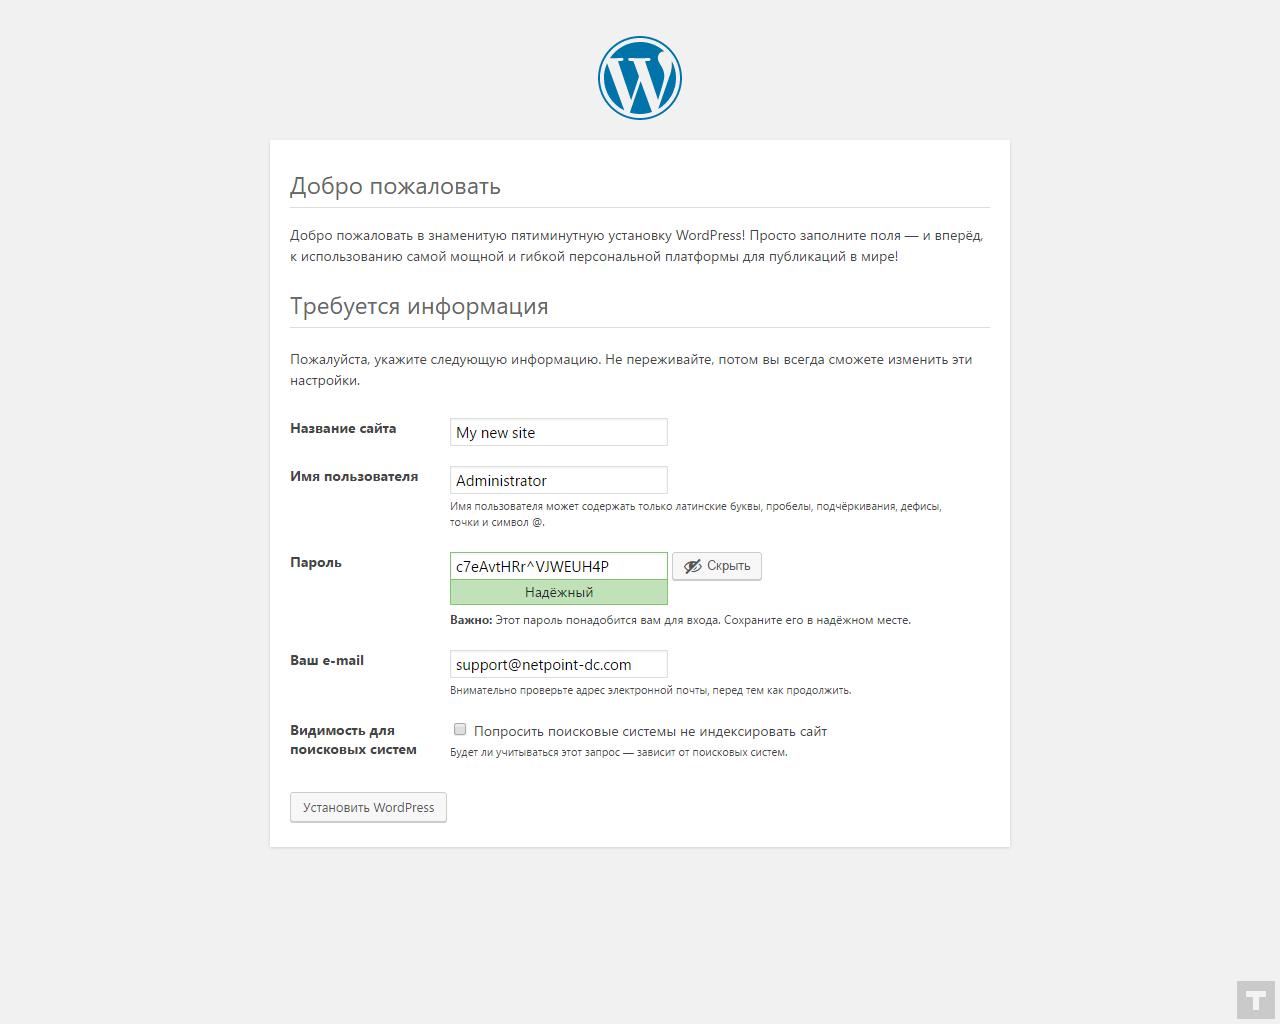 Введенные данные для WordPress